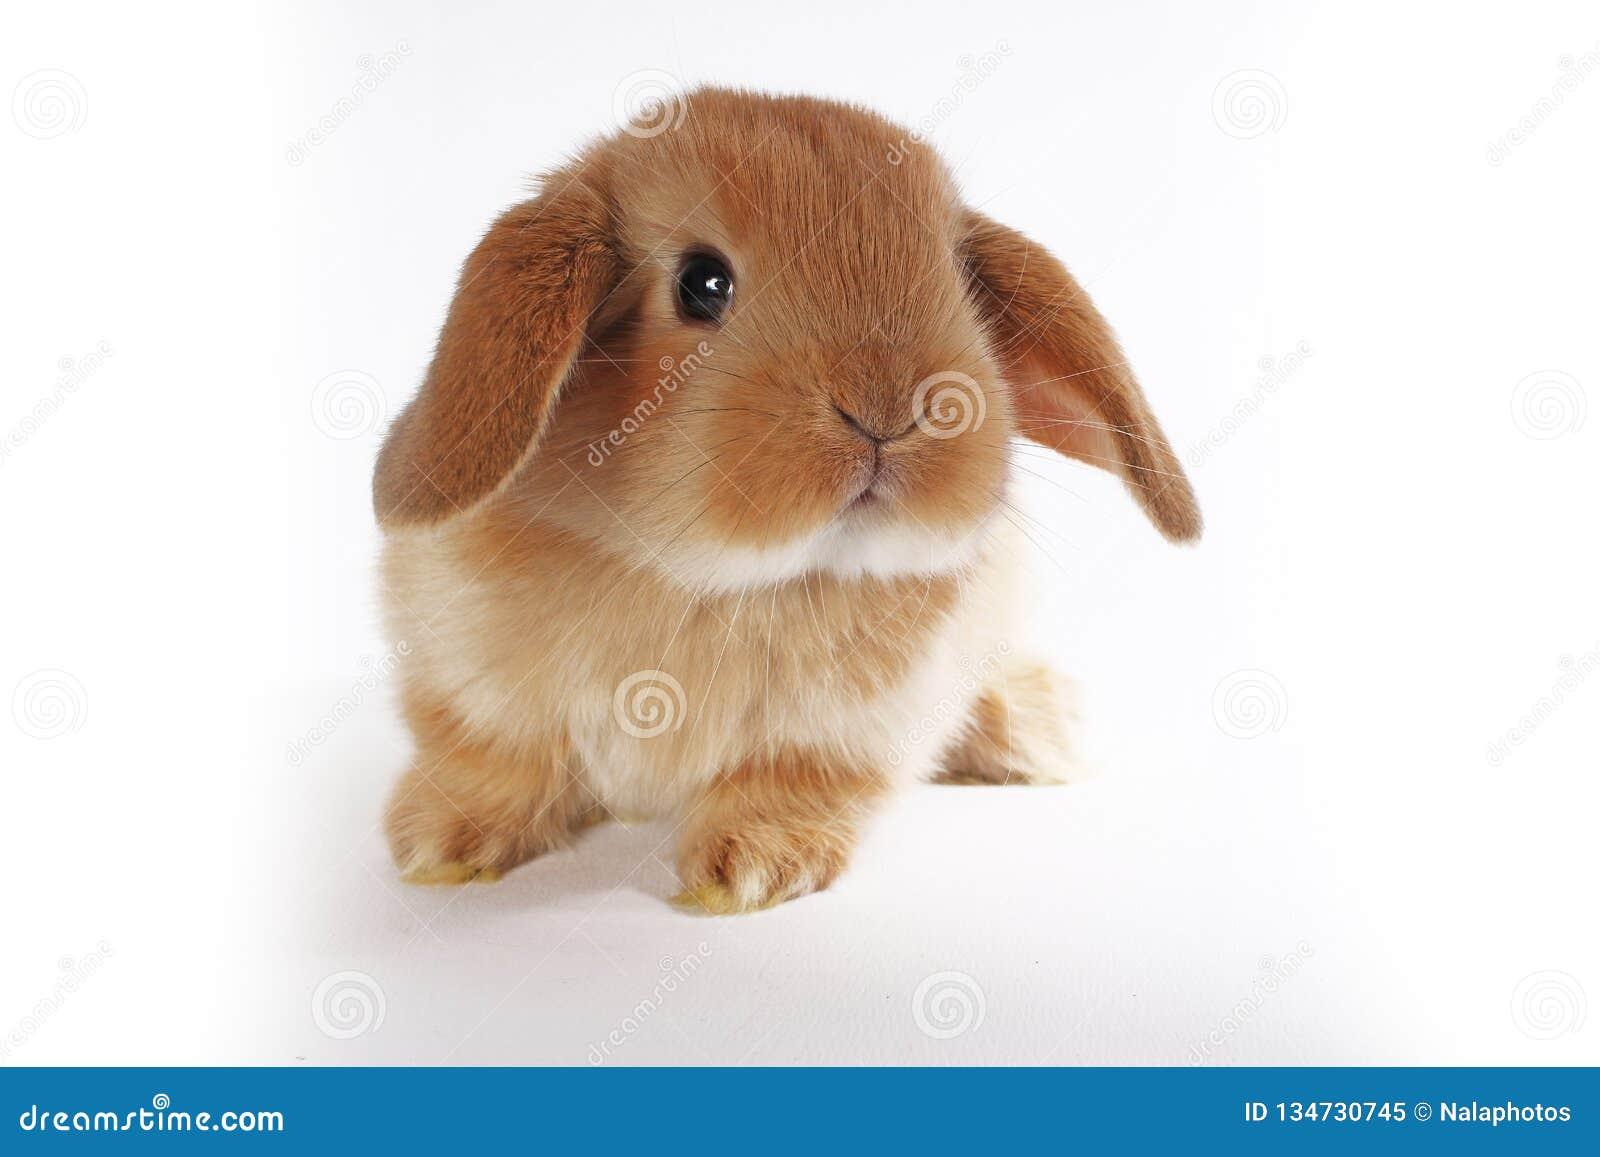 Oranje konijntje Super leuk snoeit dwergkonijn op geïsoleerde witte achtergrond